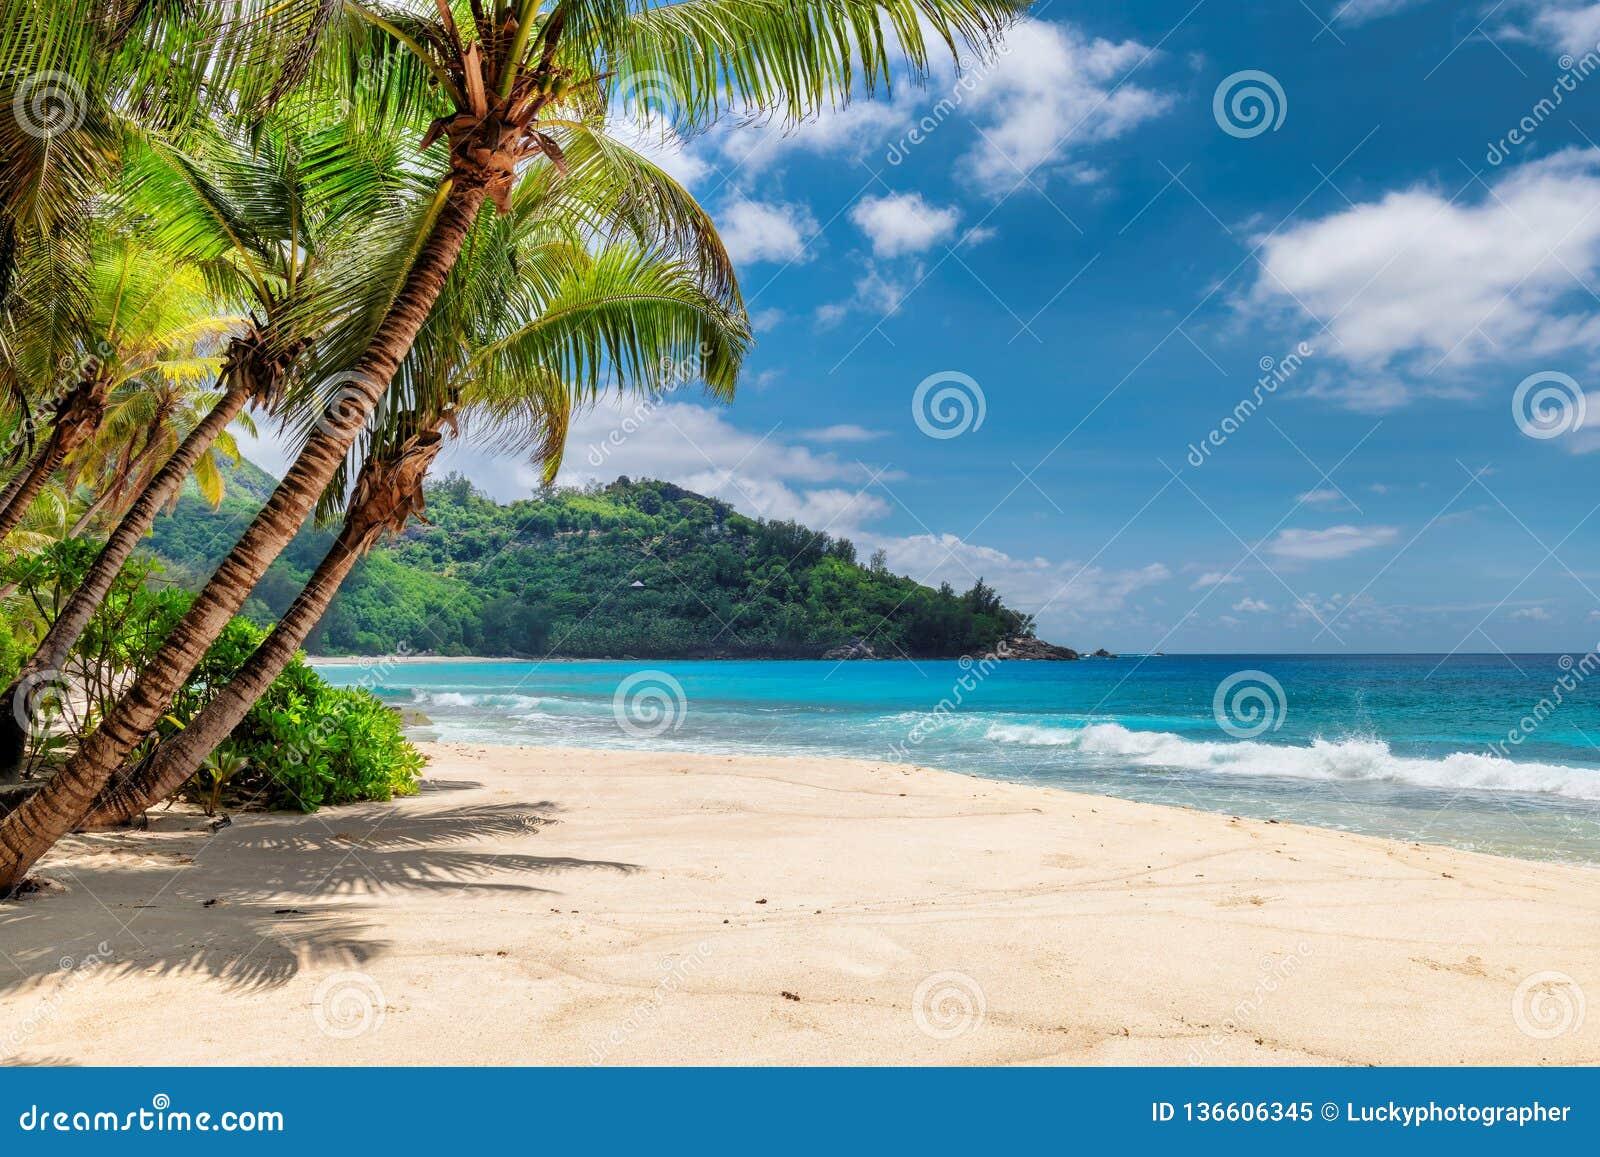 Palmy i tropikalna plaża z białym piaskiem